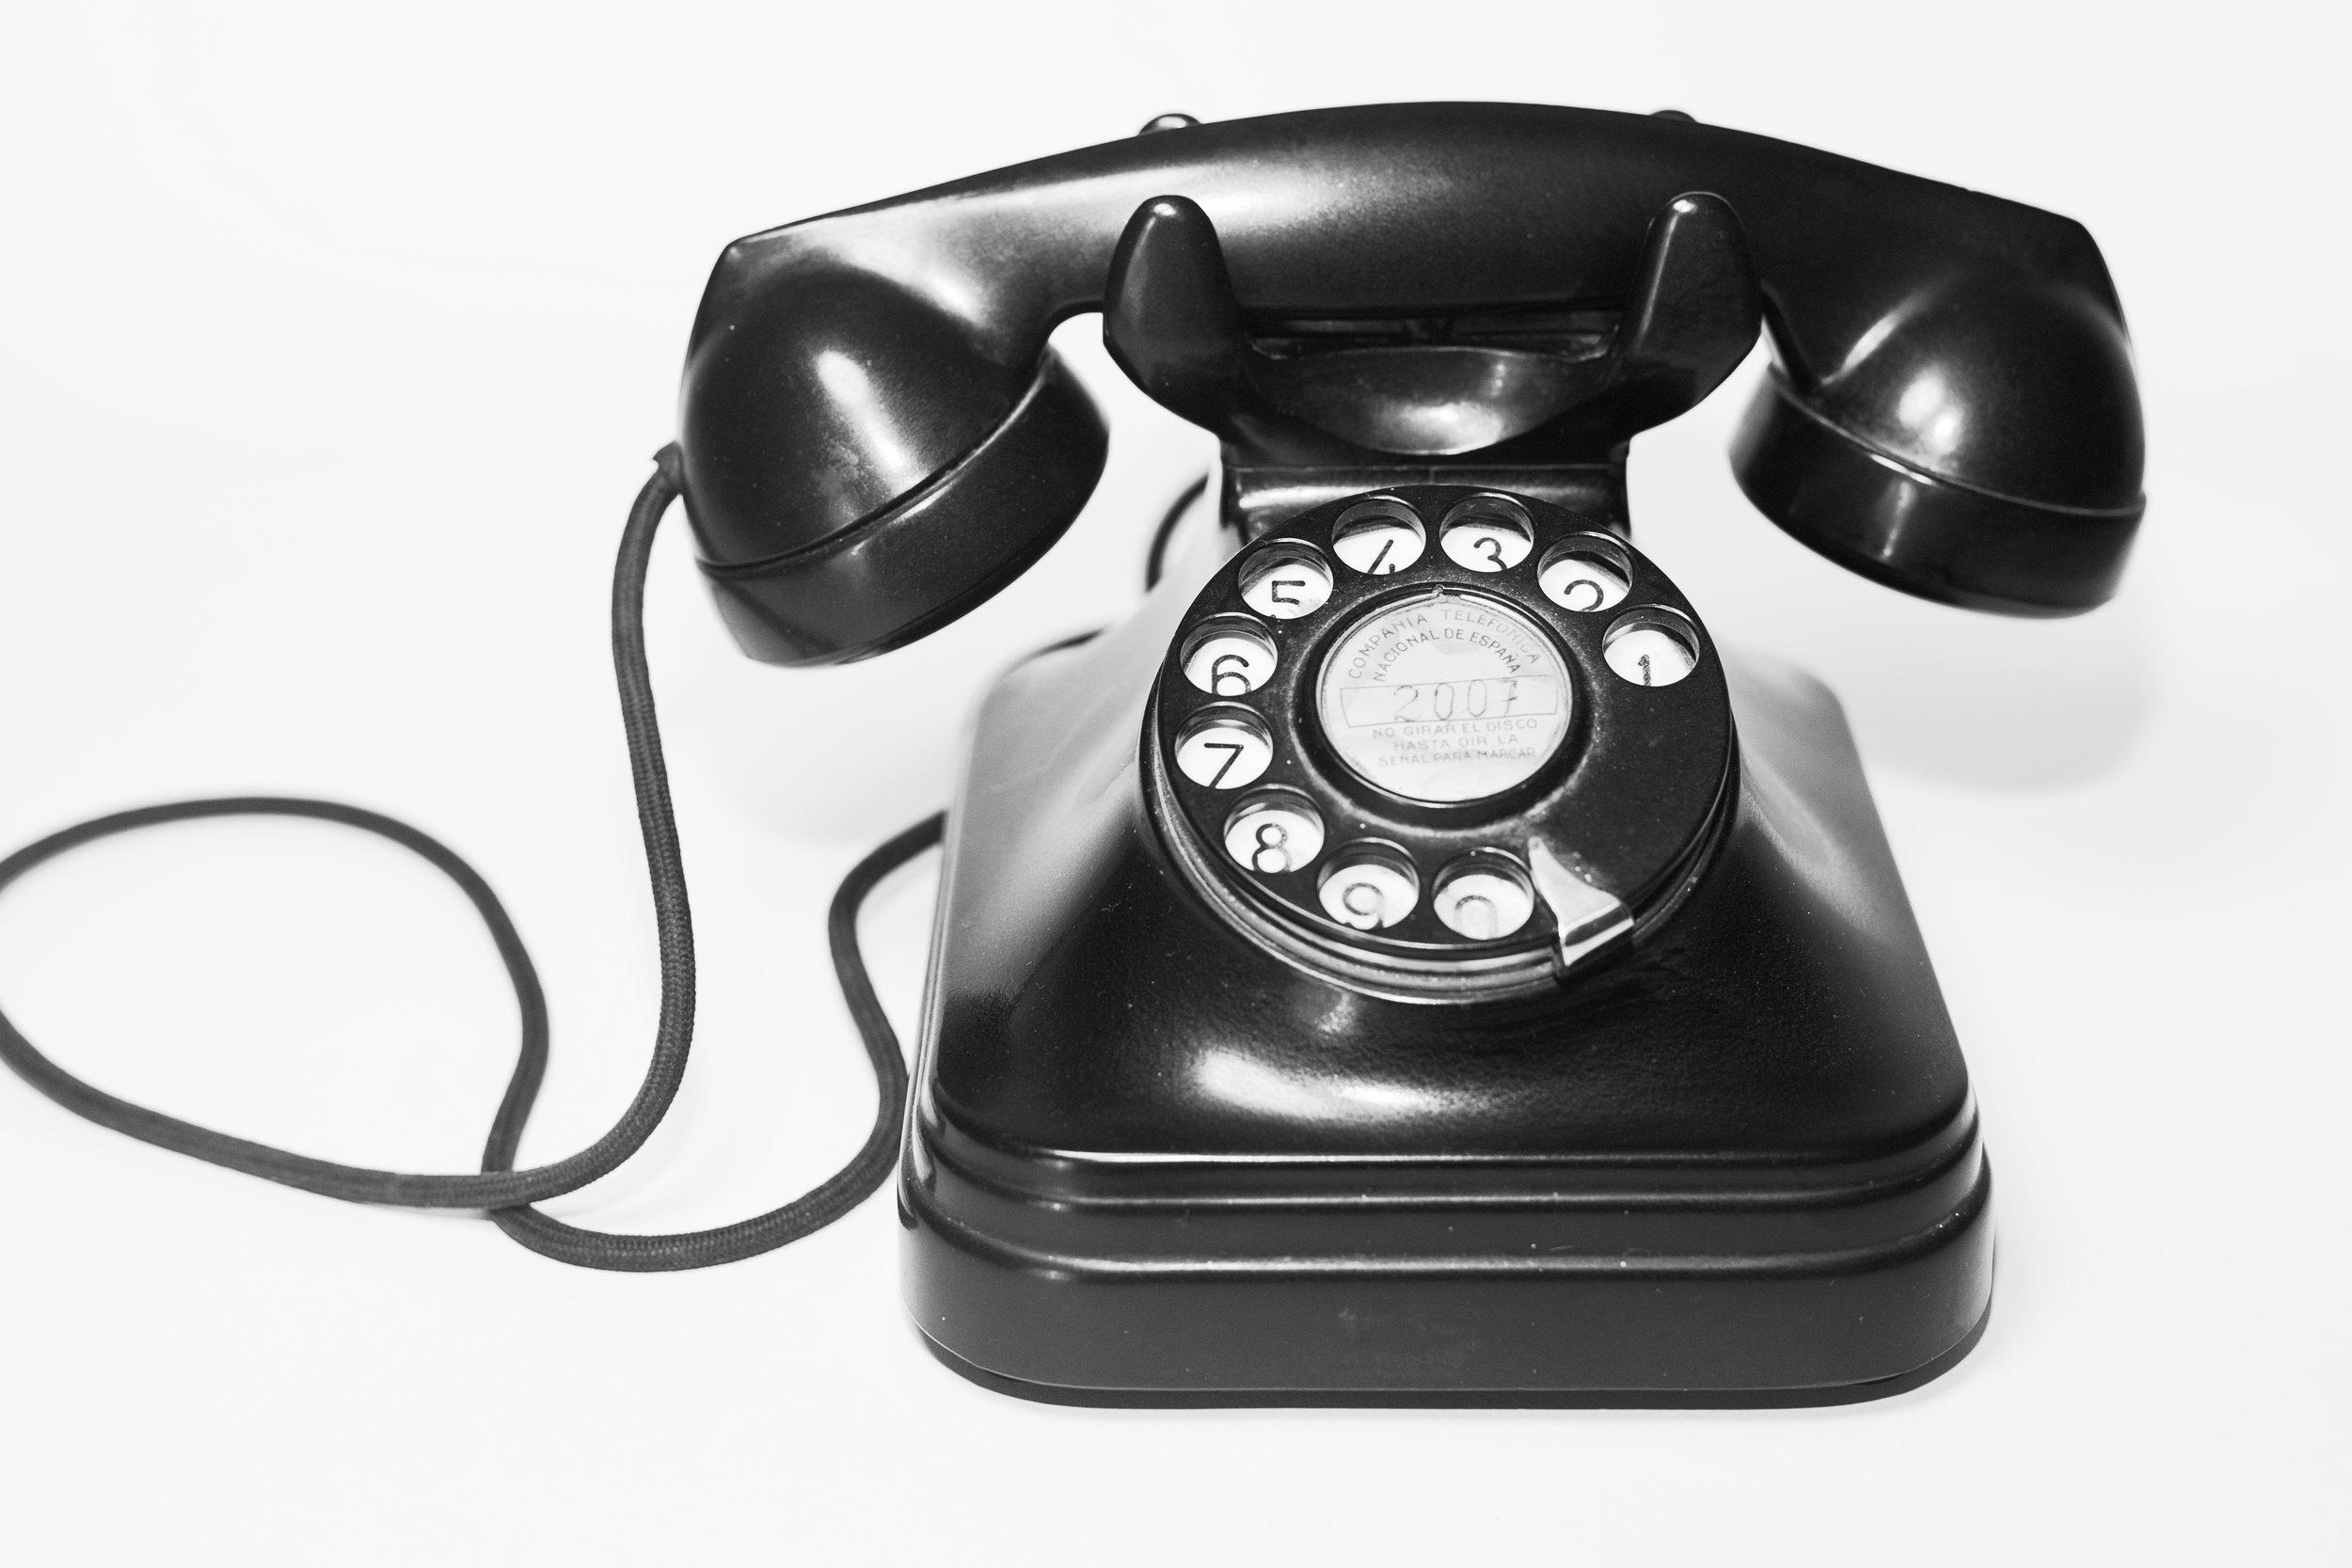 Call us: - (866) 785-8255